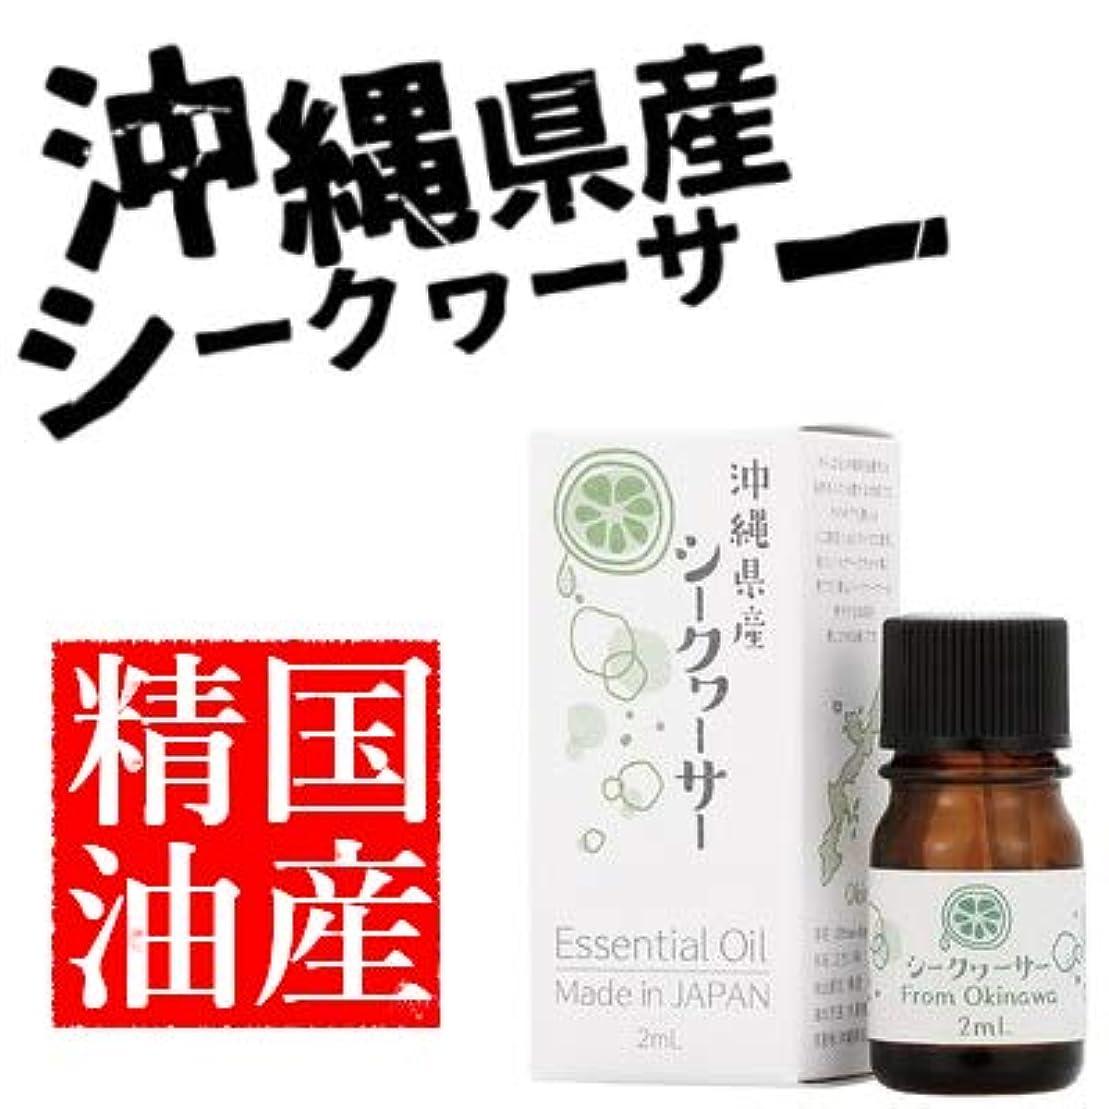 バンジョー年齢ハンディキャップ日本の香りシリーズ エッセンシャルオイル 国産精油 (シークヮーサー)